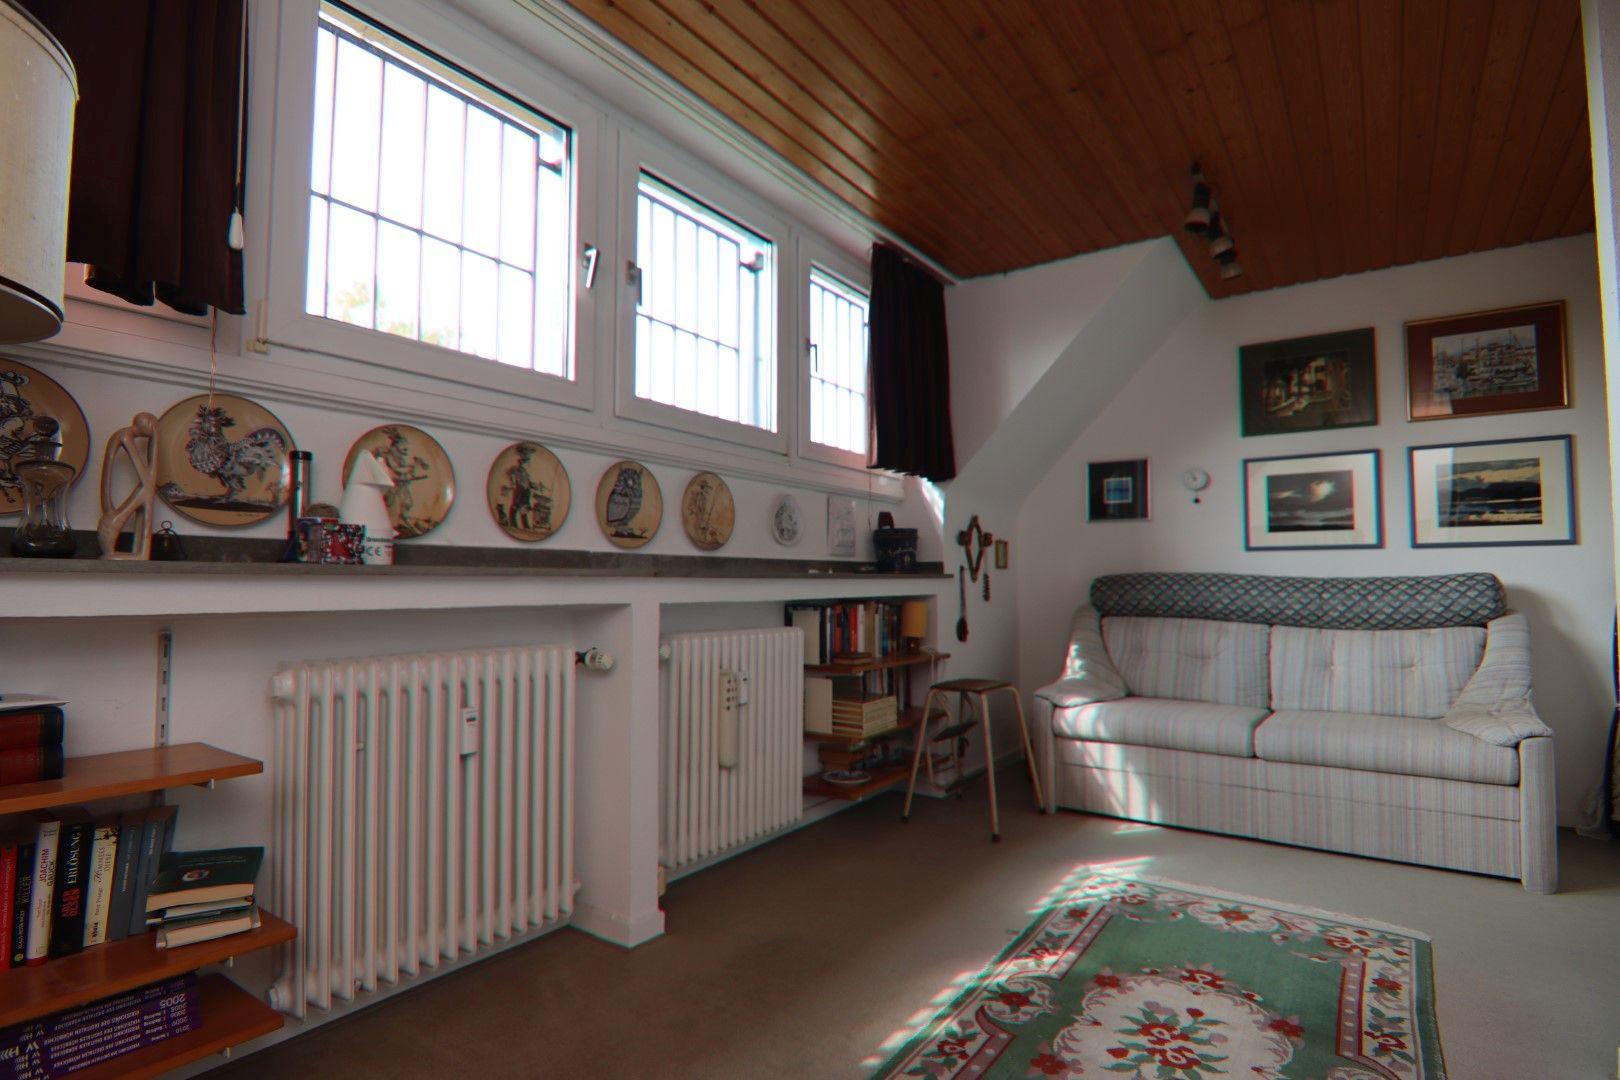 Immobilie Nr.0296 - Grundstück mit 2 DHH und 2 Garagen  - Bild 11.jpg